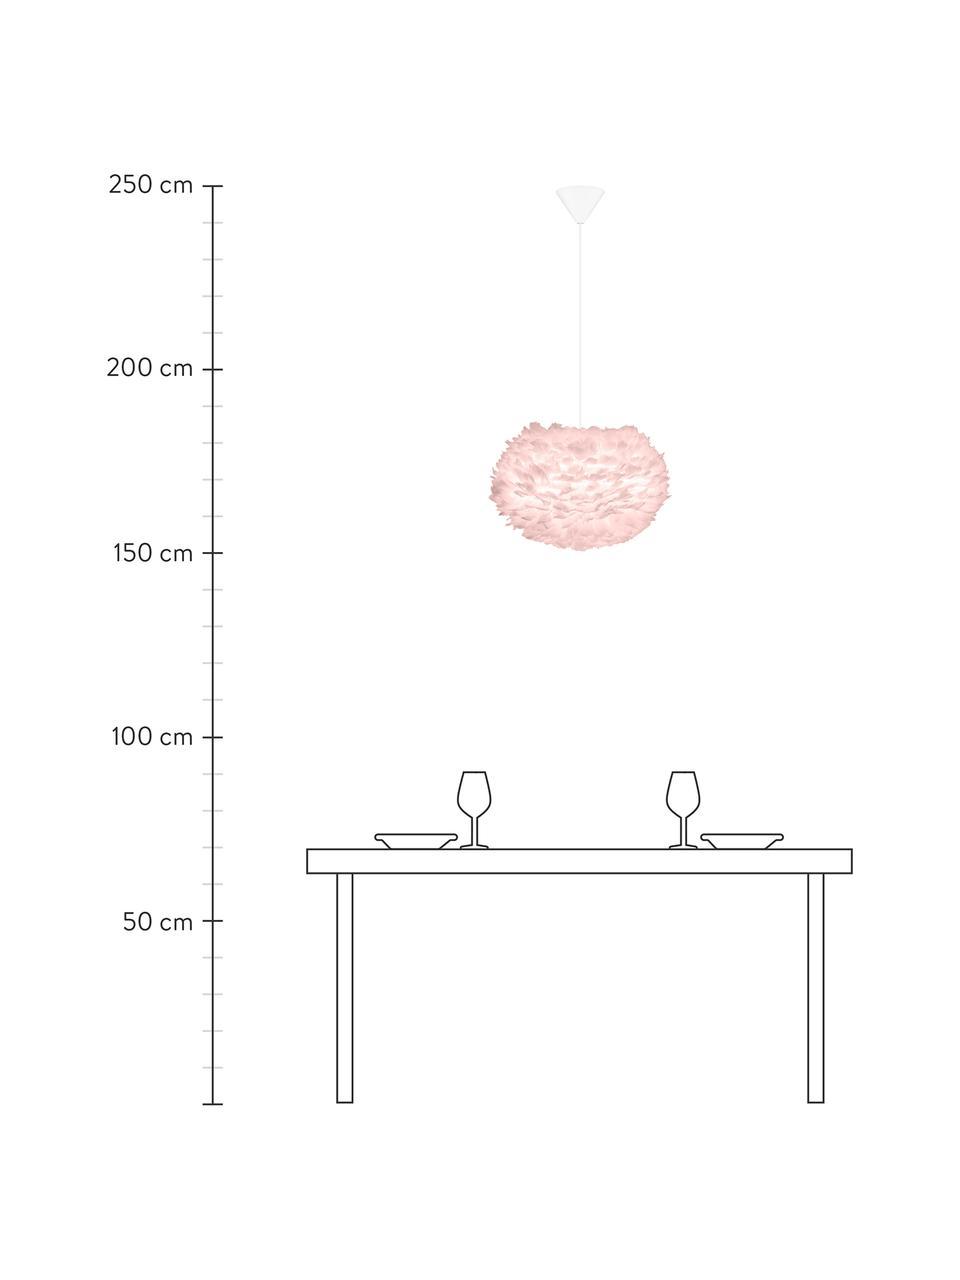 Lámpara de techo de plumas Eos, Pantalla: plumas de ganso, tela, Anclaje: plástico, Cable: cubierto en tela, Rosa pálido, Ø 45 x Al 30 cm